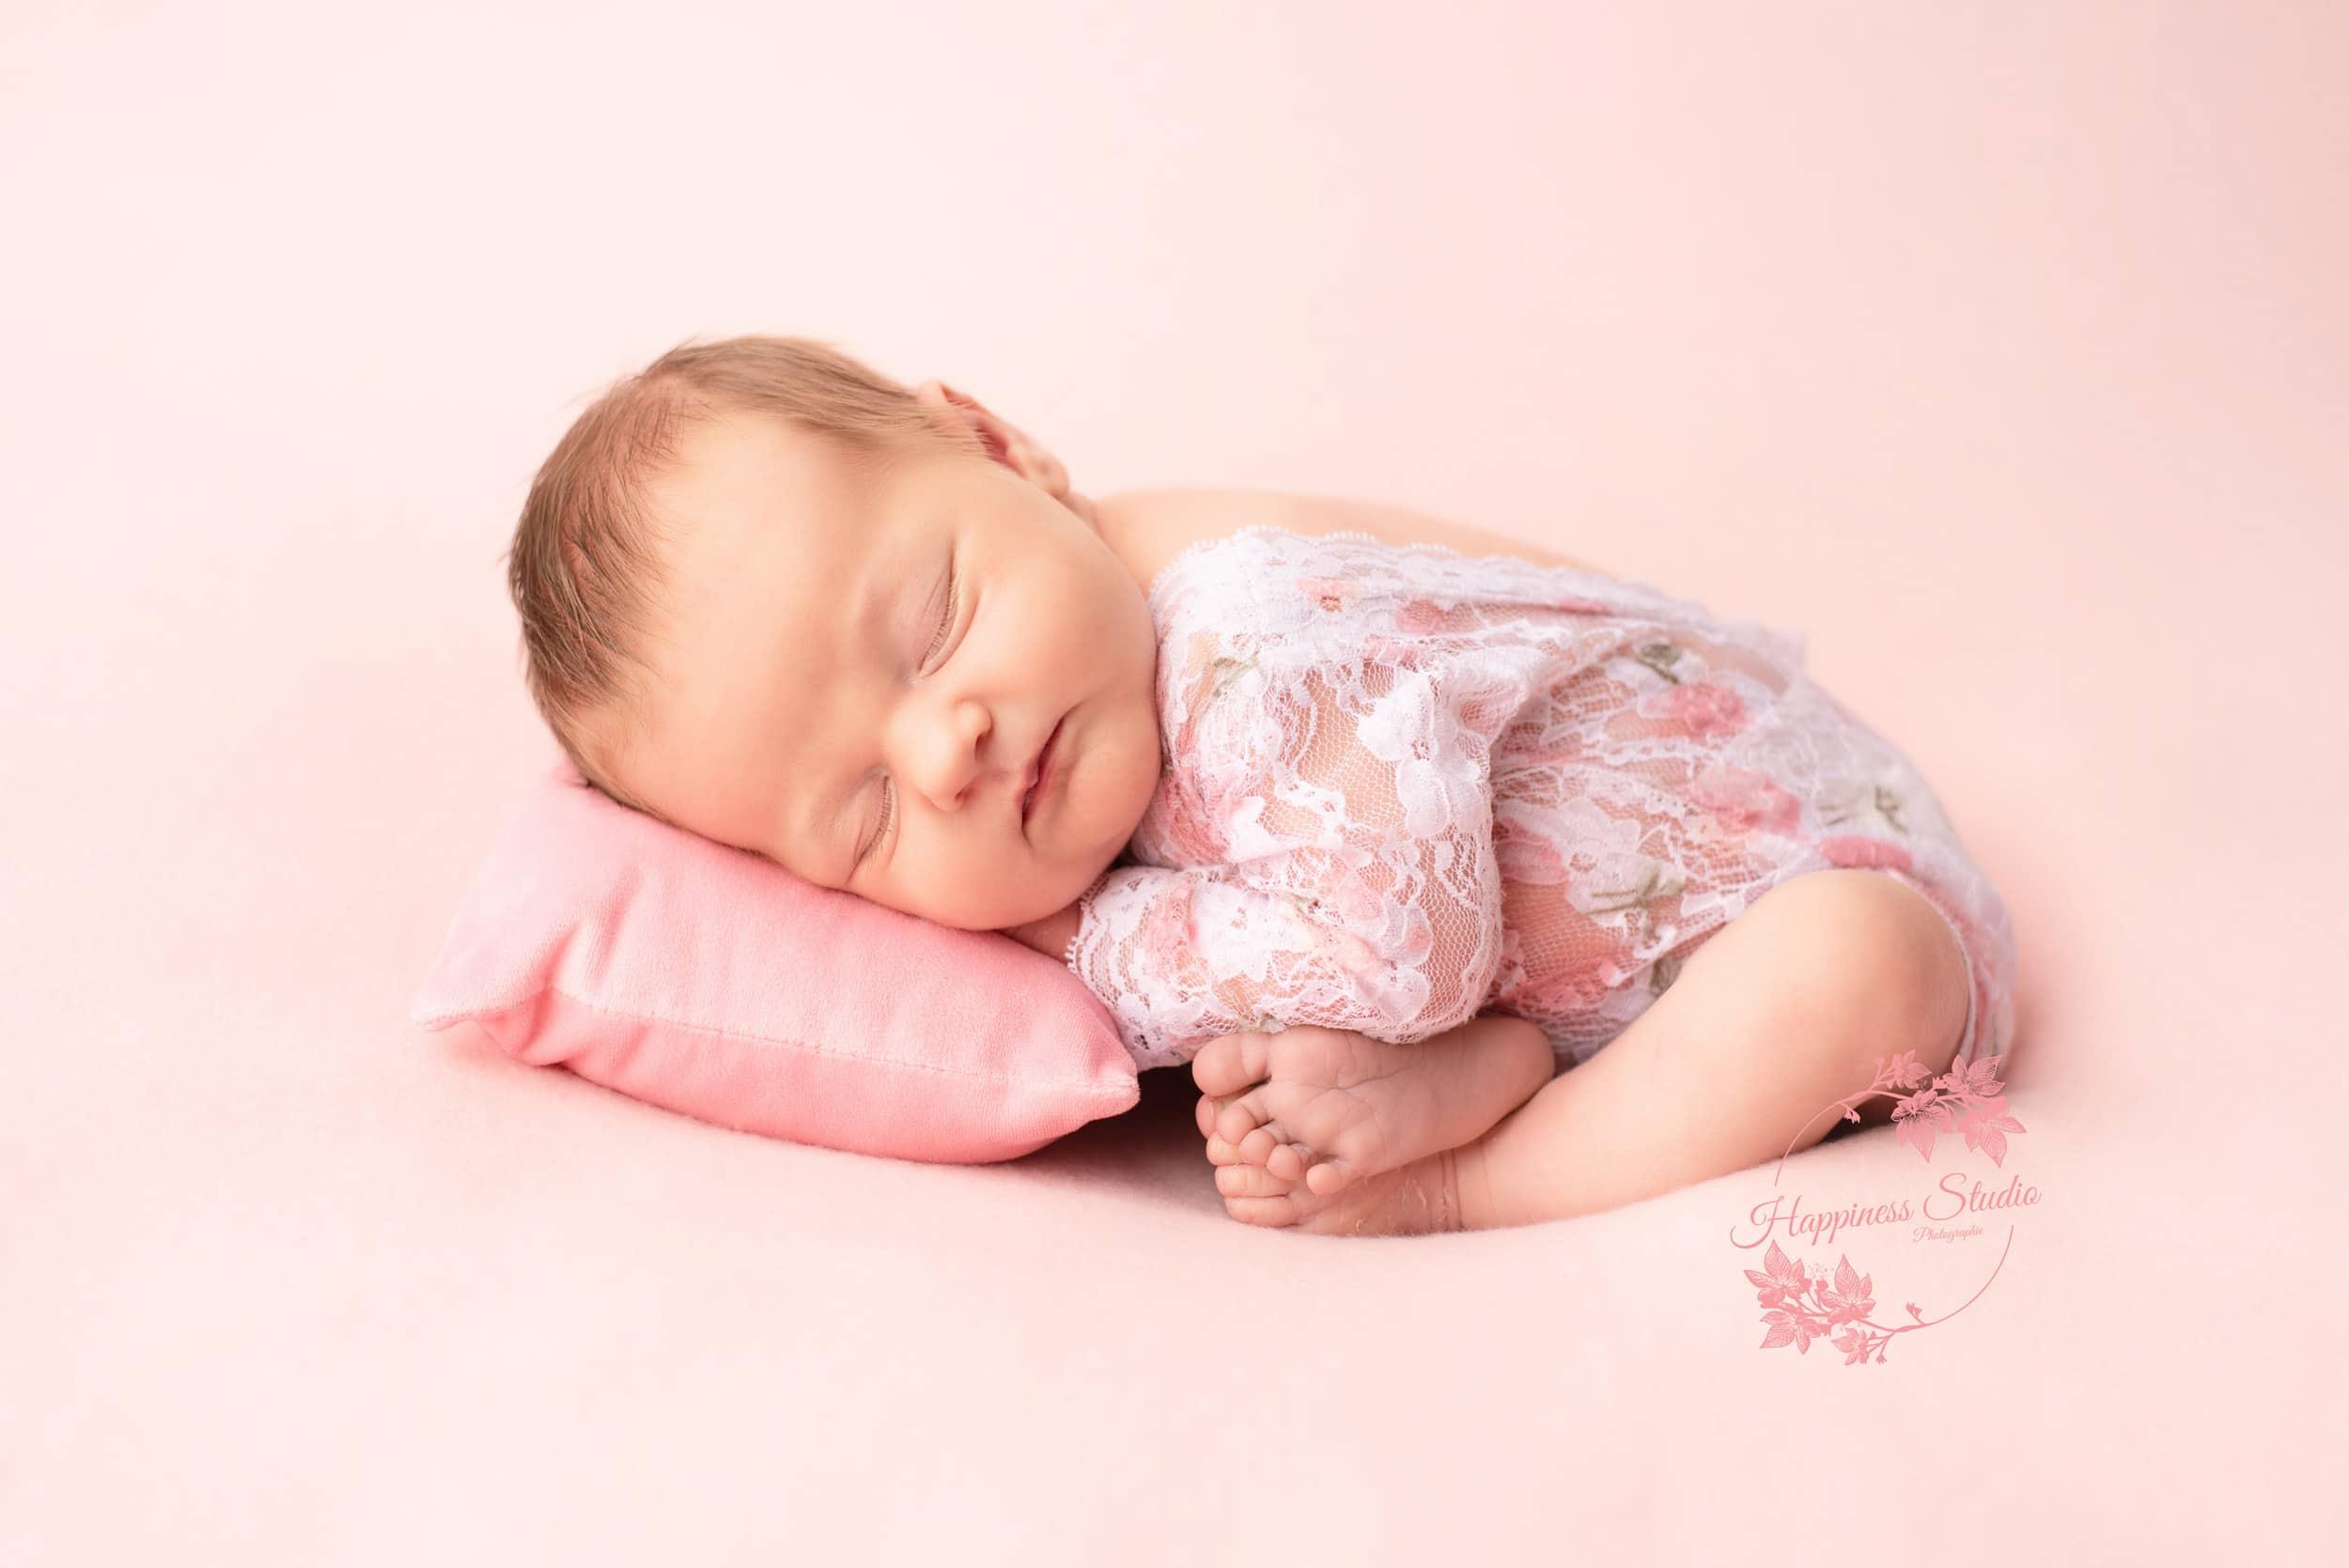 photographe pro bebe